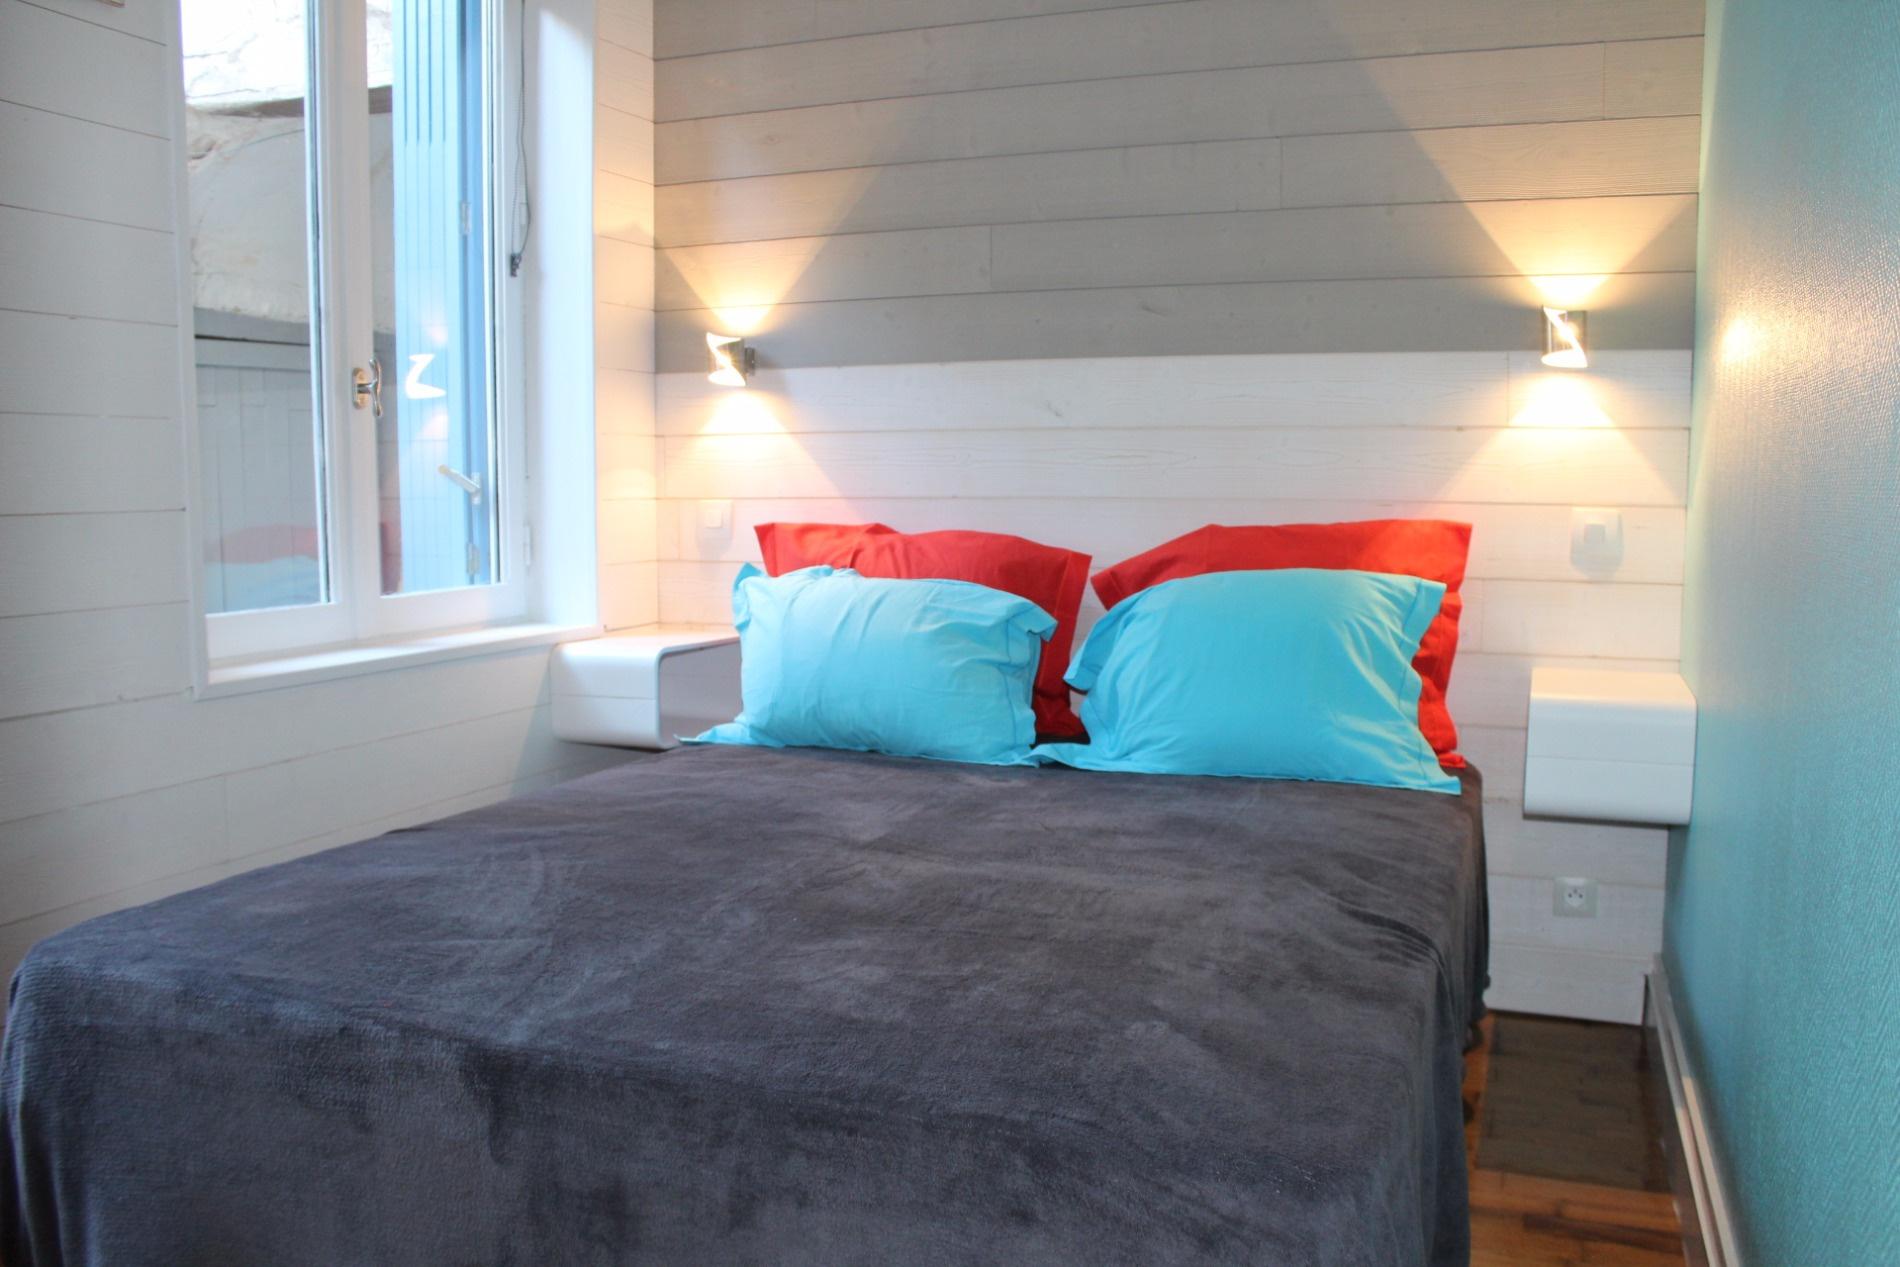 Offres locations vacances 2 pi ces honfleur nom de l agence - Location appartement week end amsterdam ...